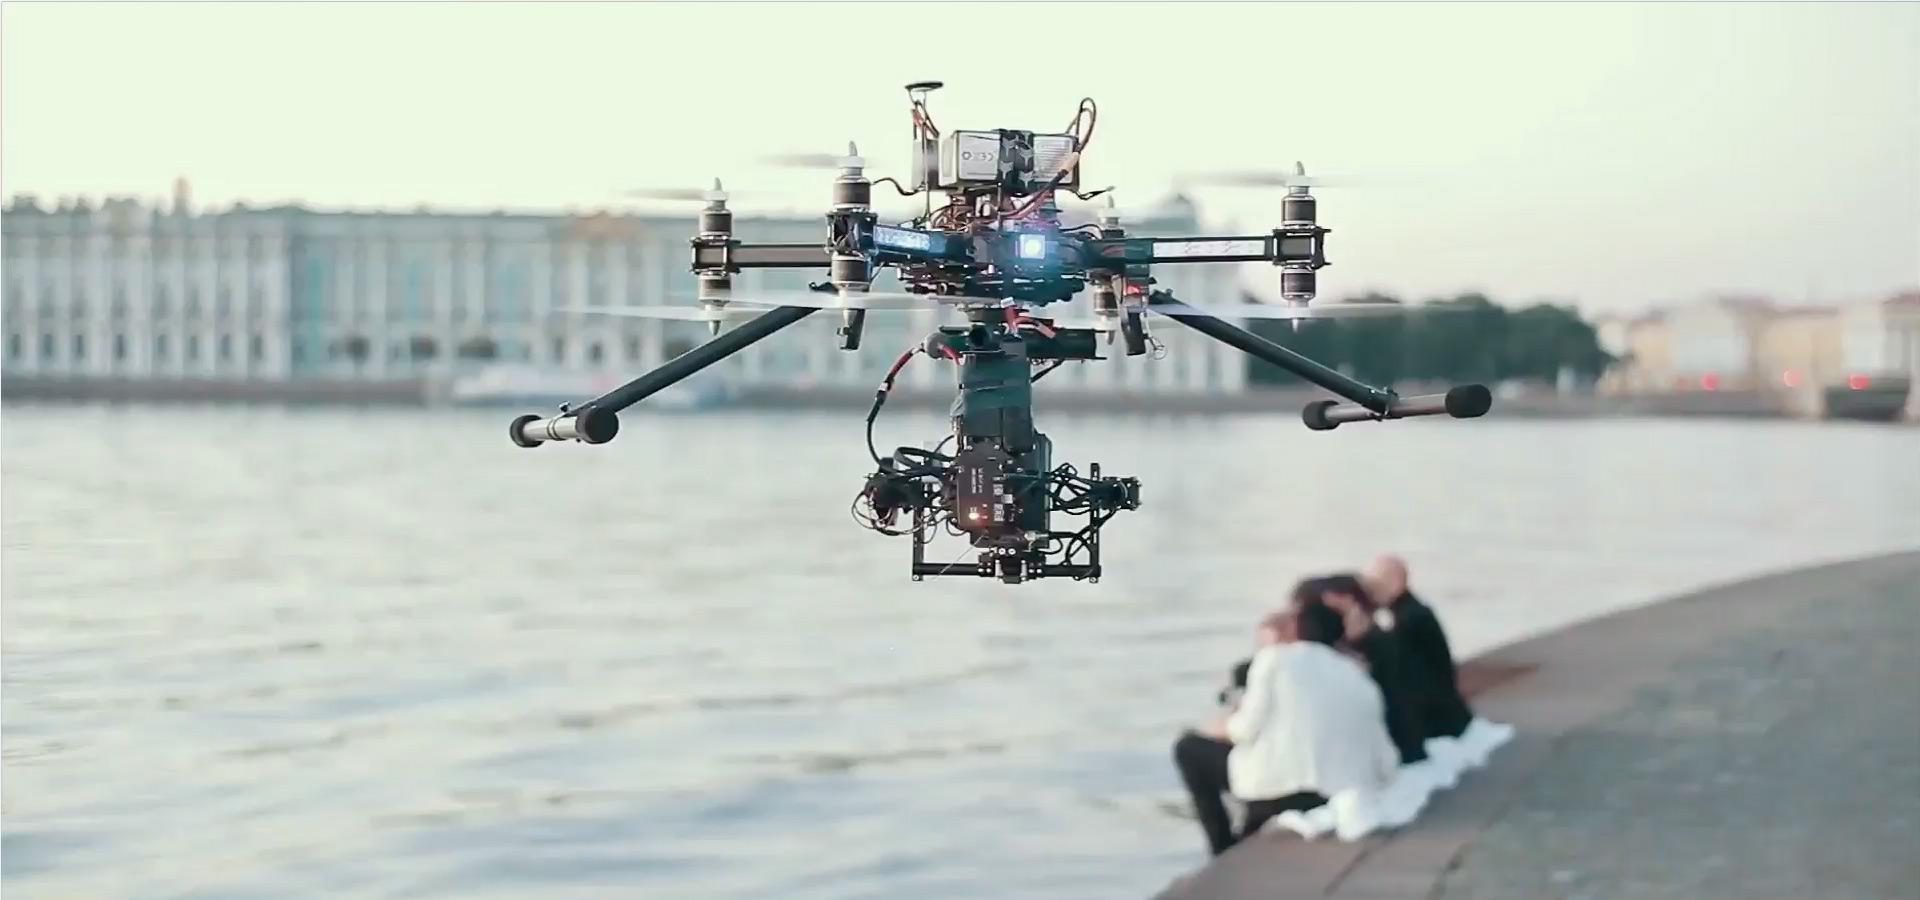 аэросъемка, аэросъемка на red dragon, съемка с воздуха, профессиональная аэросъемка, аэросъемка в спб, аренда коптера, аэросъемка спб, аэрокино, aerokino